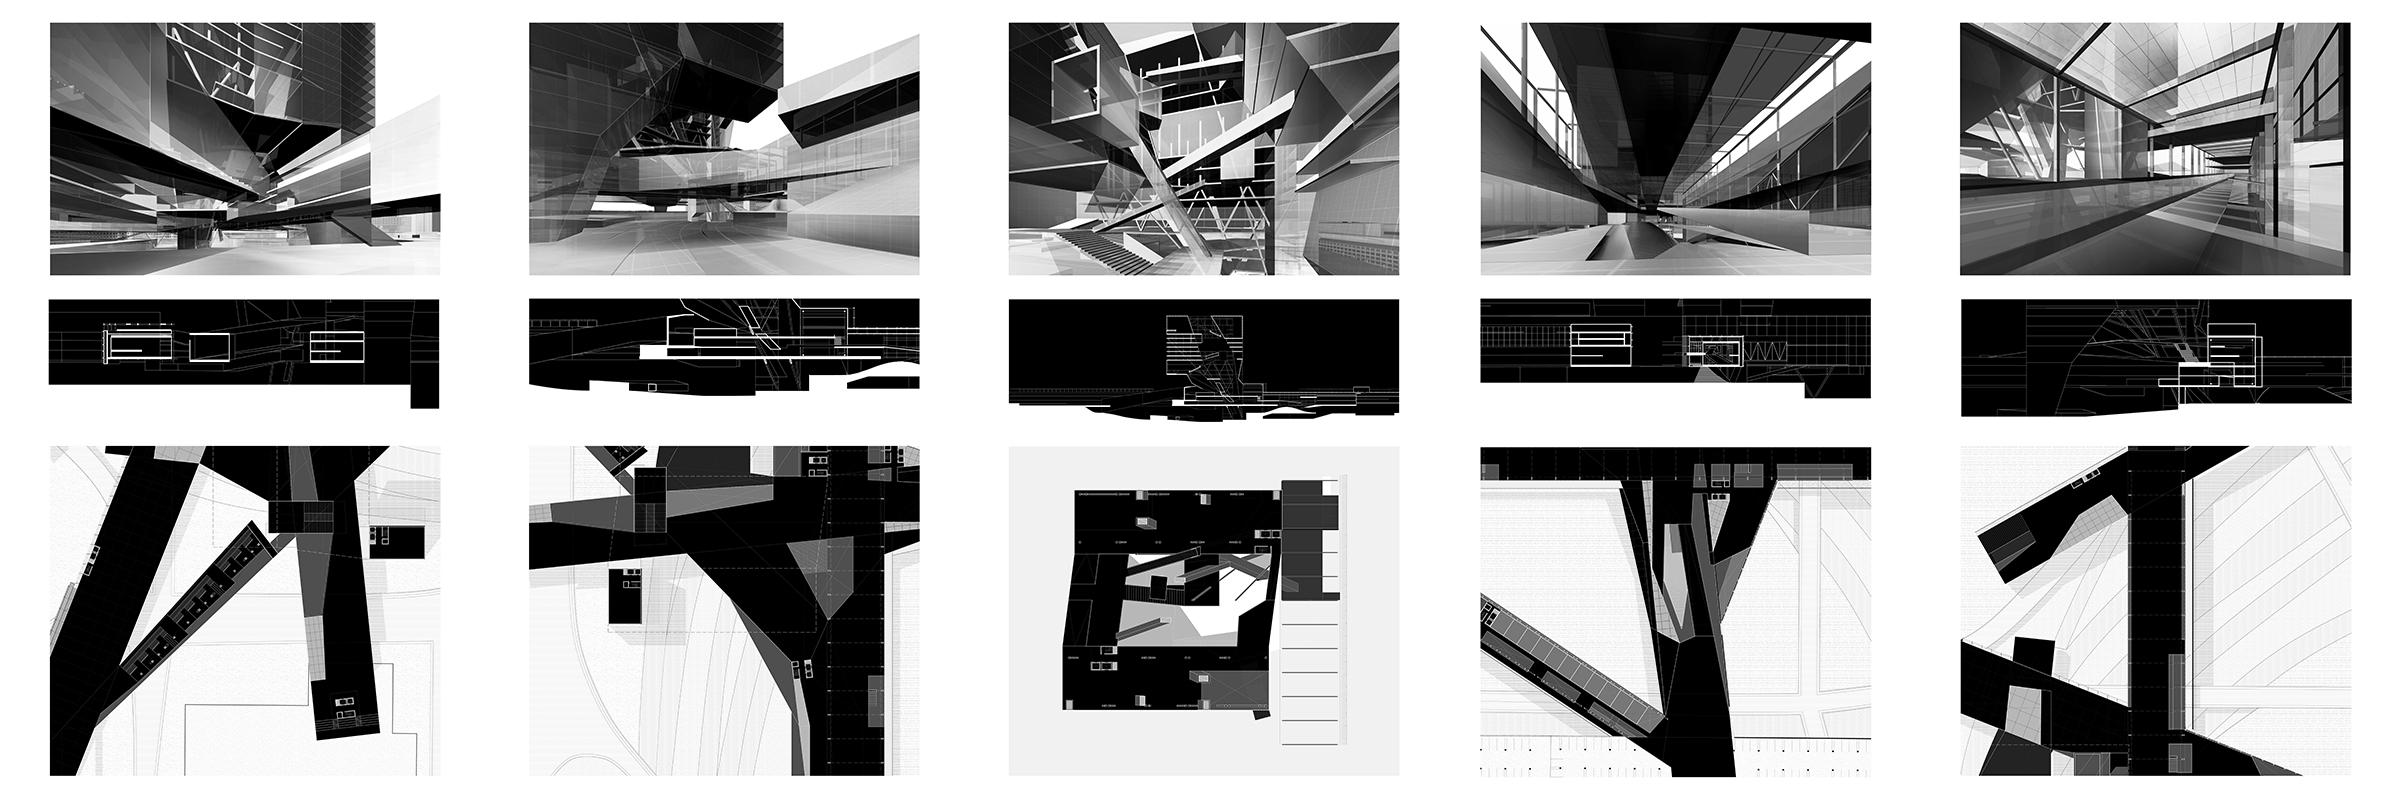 Enlarged Plans_Working_Invert-01.jpg